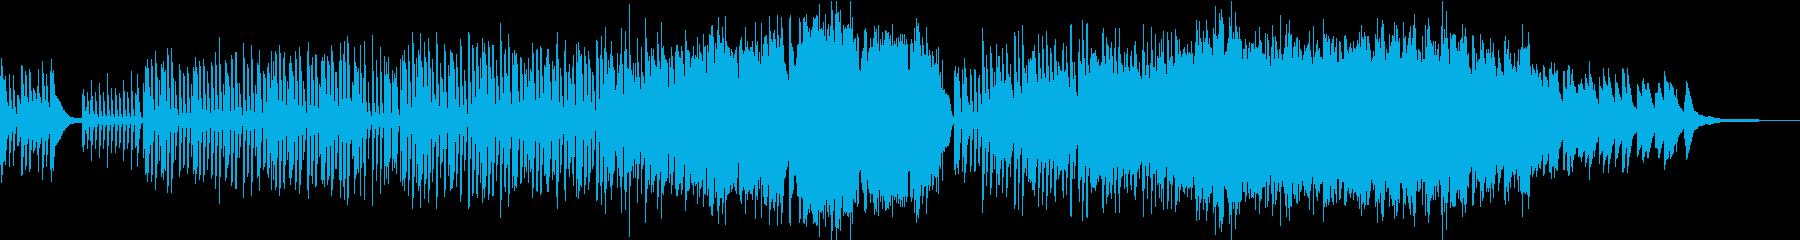 明るい日常を感じるBGMの再生済みの波形